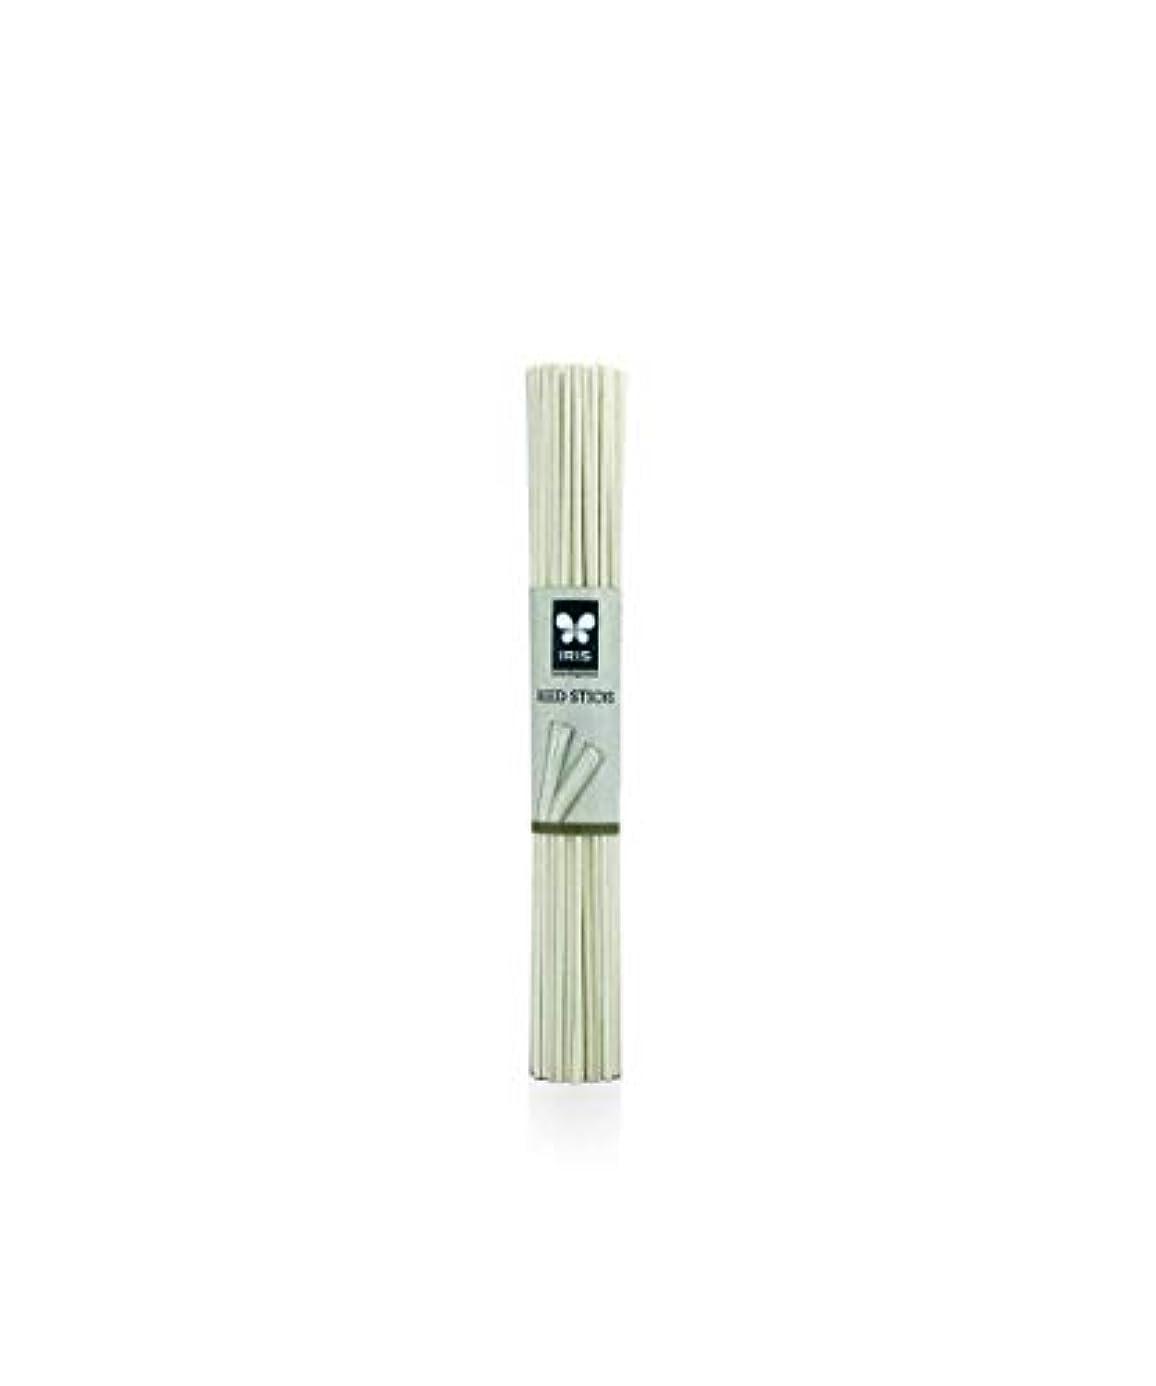 省略する影響を受けやすいです耐久Iris Wood Reed Sticks (25.4 cm Long)